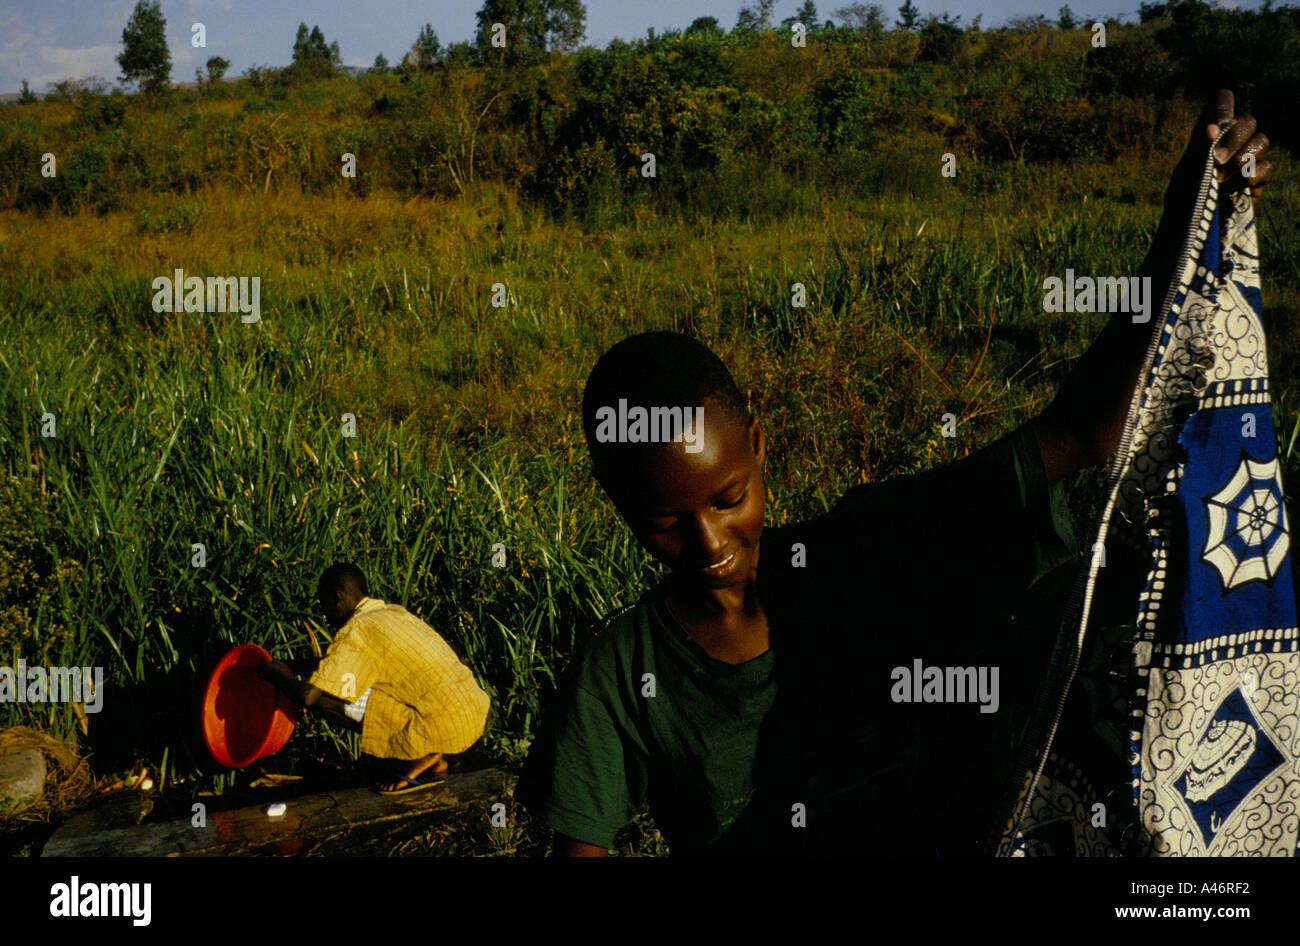 Orphan burundi stockfotos orphan burundi bilder alamy - Wasche im schlafzimmer trocknen ...